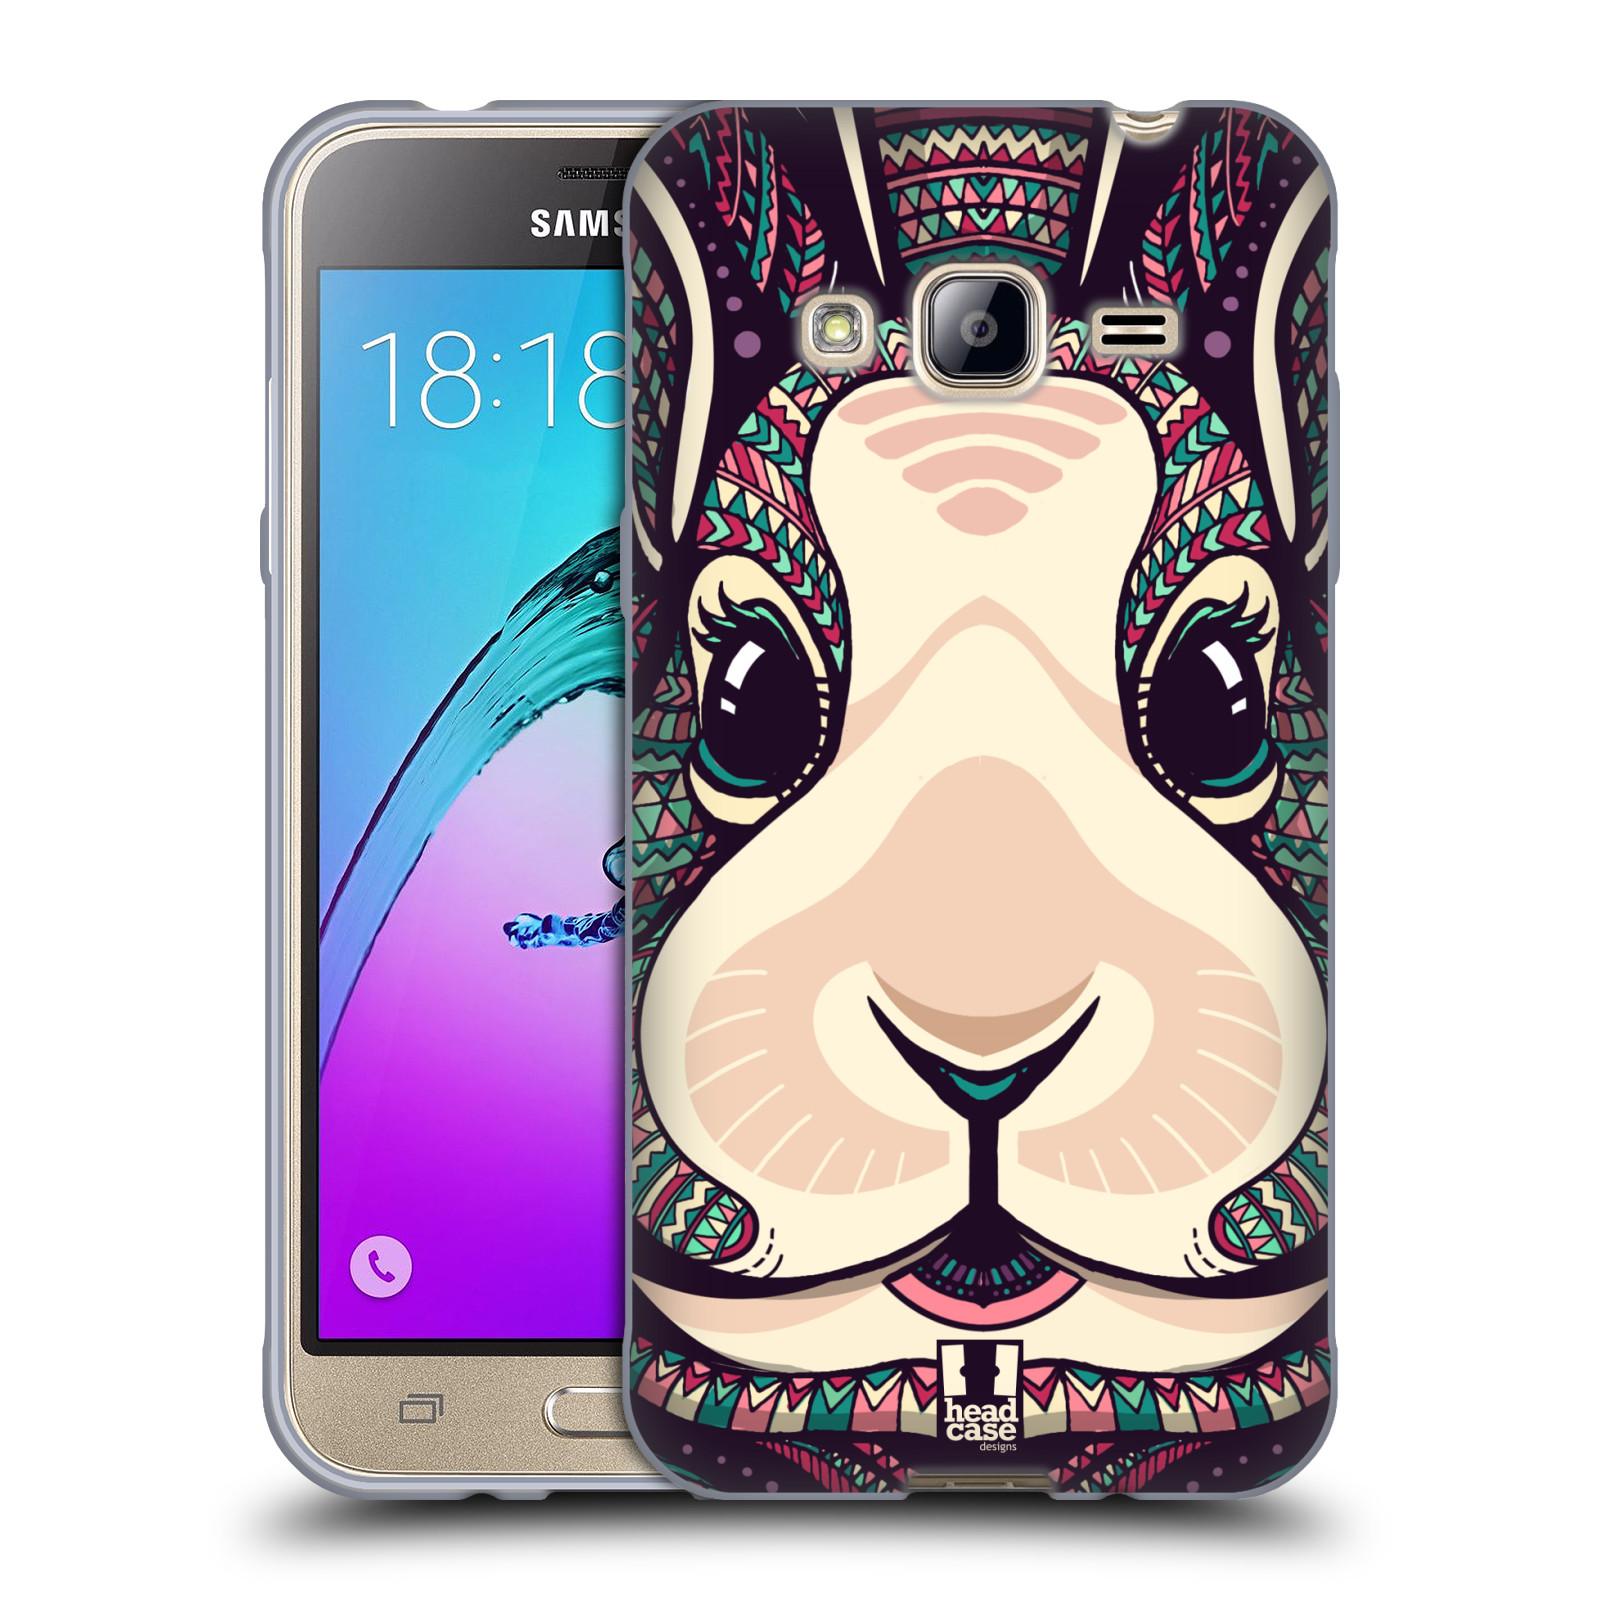 Silikonové pouzdro na mobil Samsung Galaxy J3 (2016) HEAD CASE AZTEC ZAJÍČEK